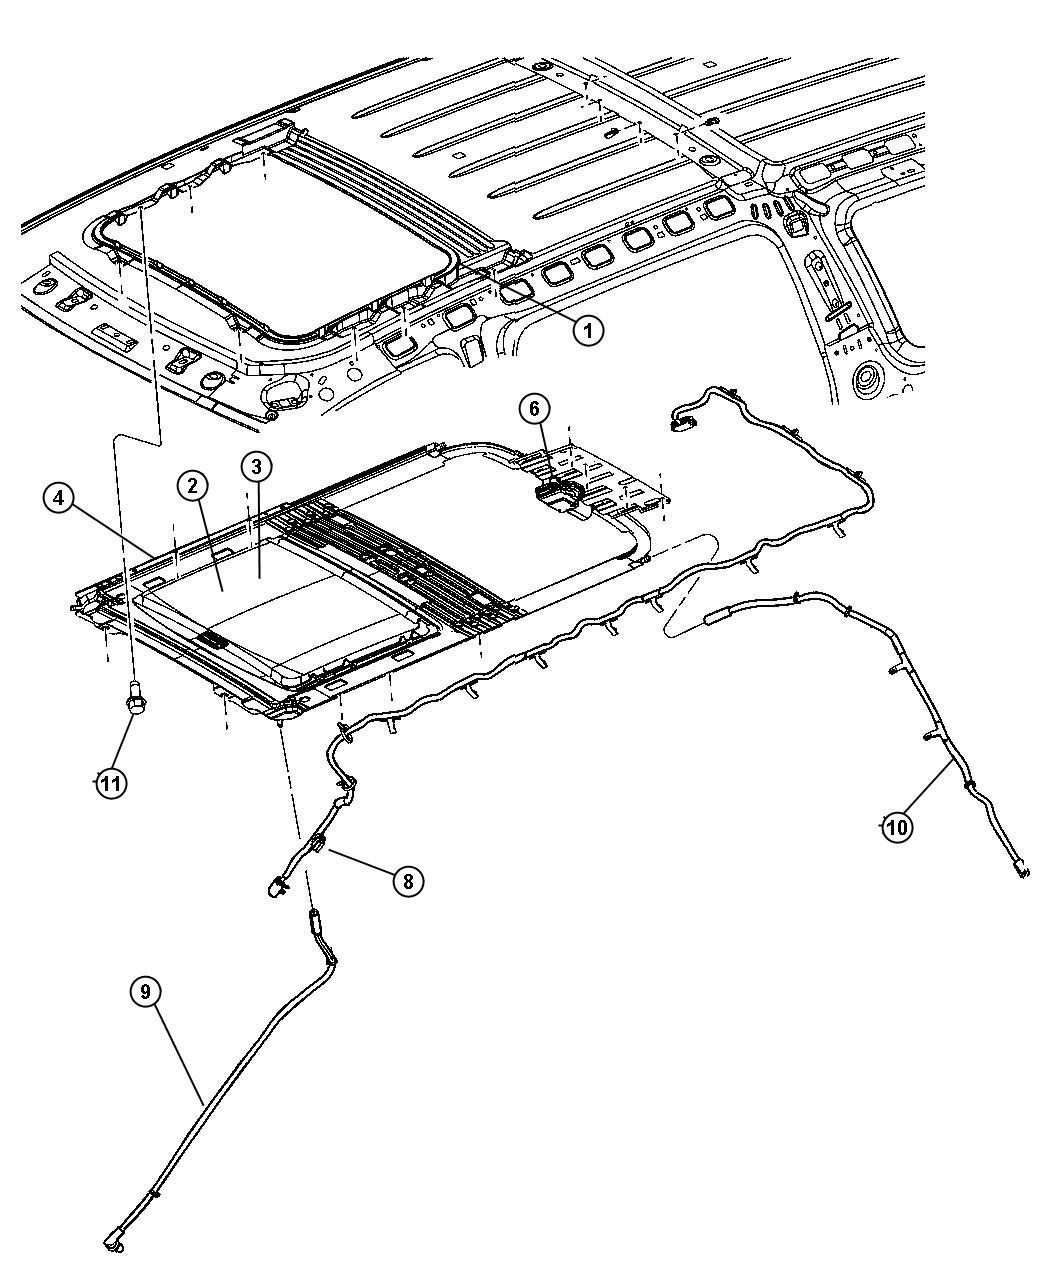 2004 dodge durango parts diagram  u2022 wiring diagram for free